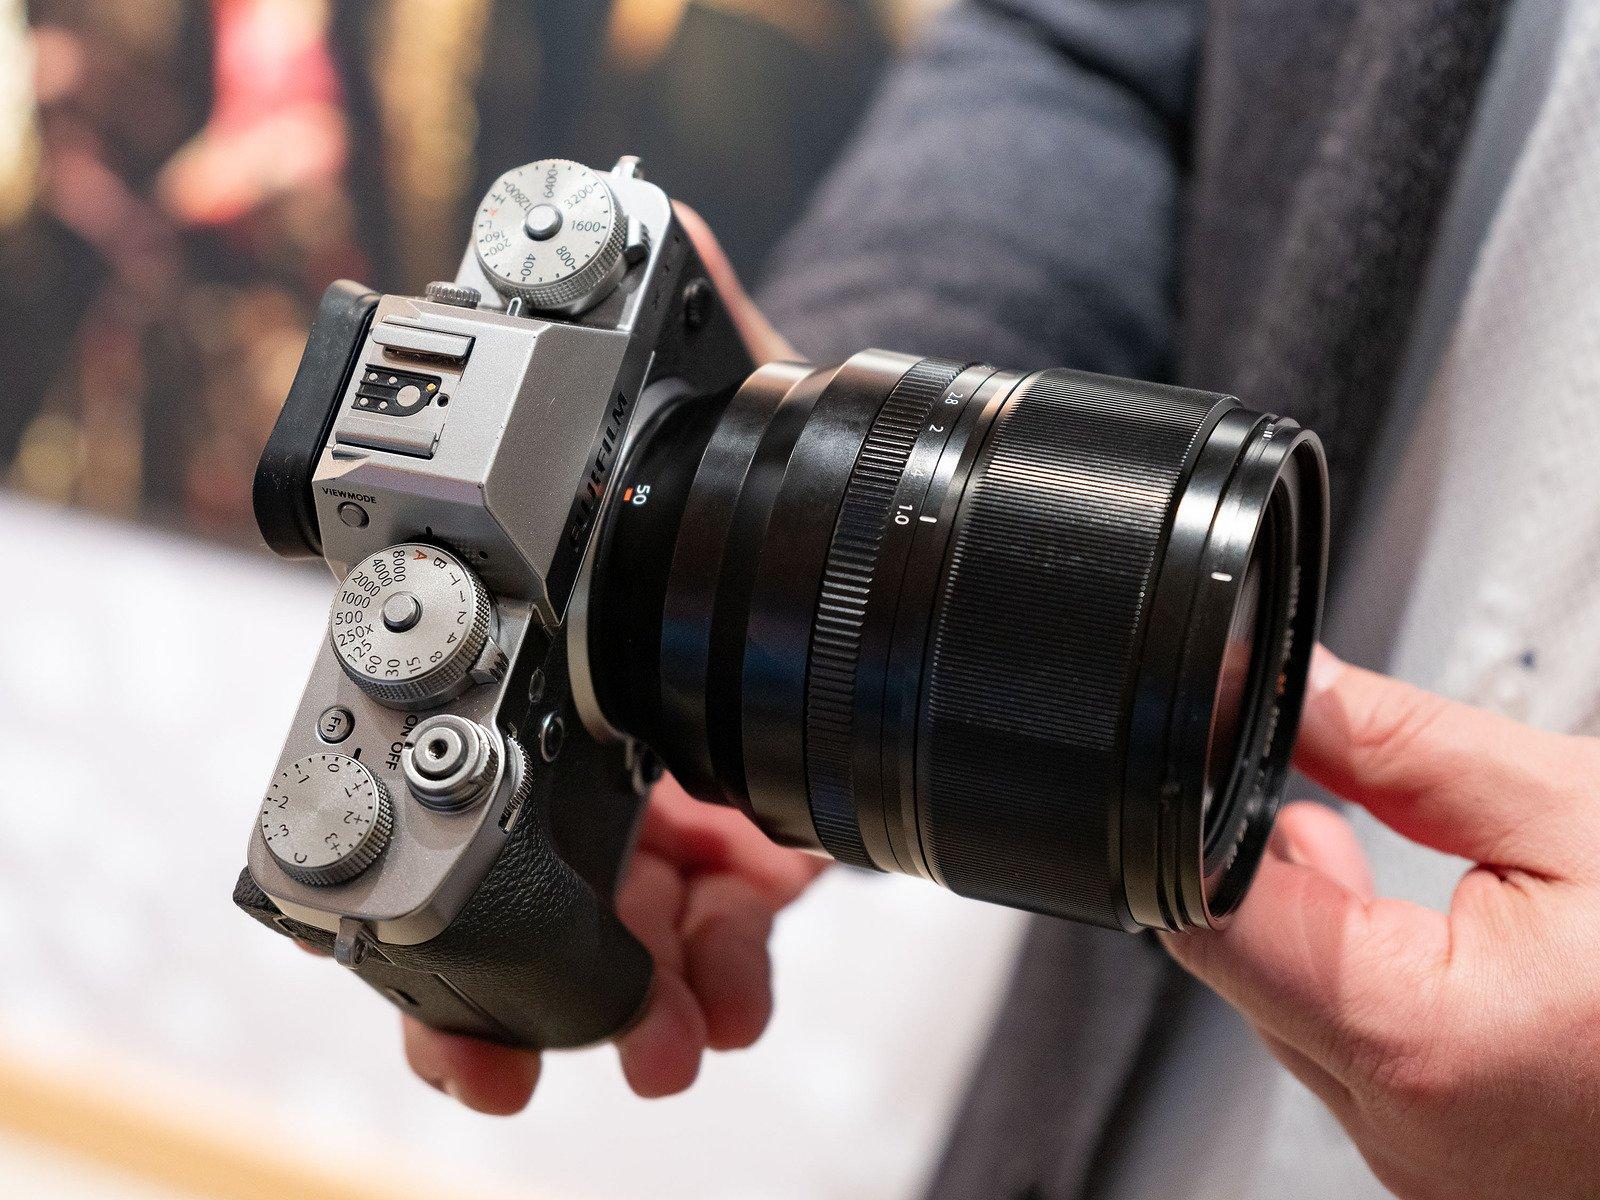 Fujifilm XF 50mm f/1.0 rumors